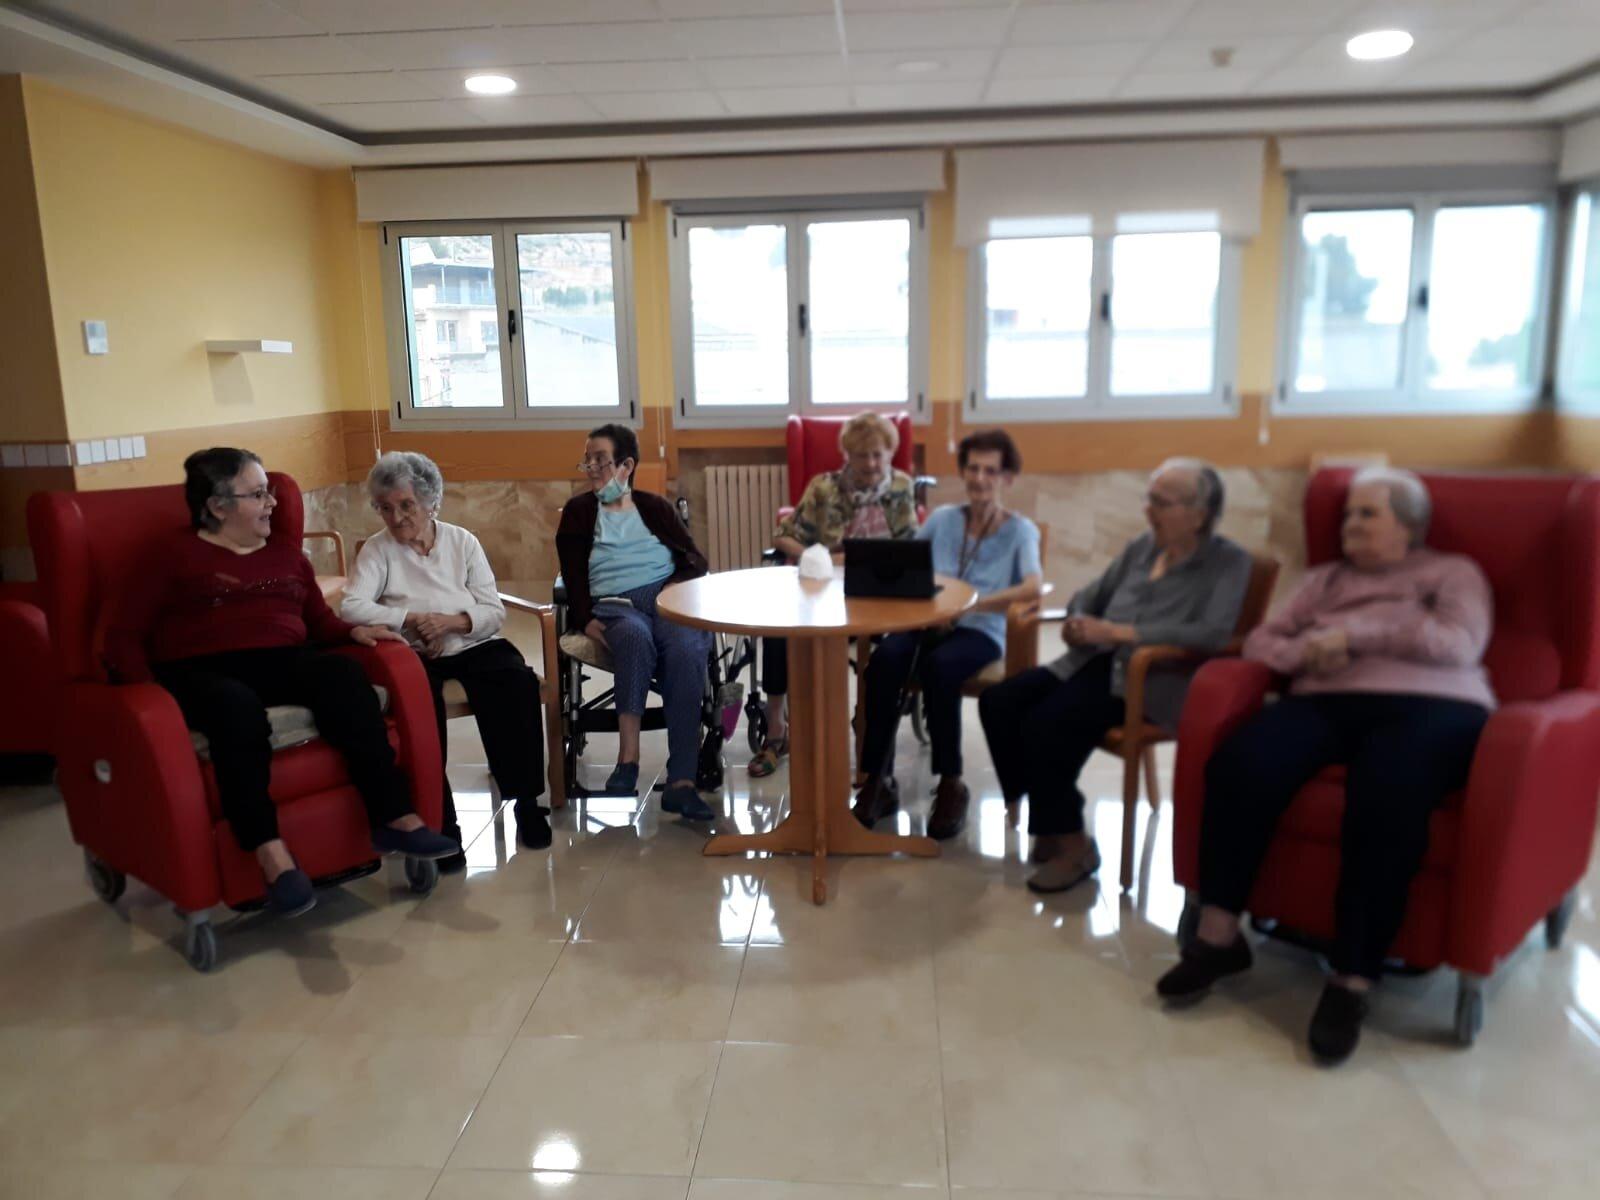 Residentes del asilo con una de las tablets donadas por las asociaciones.